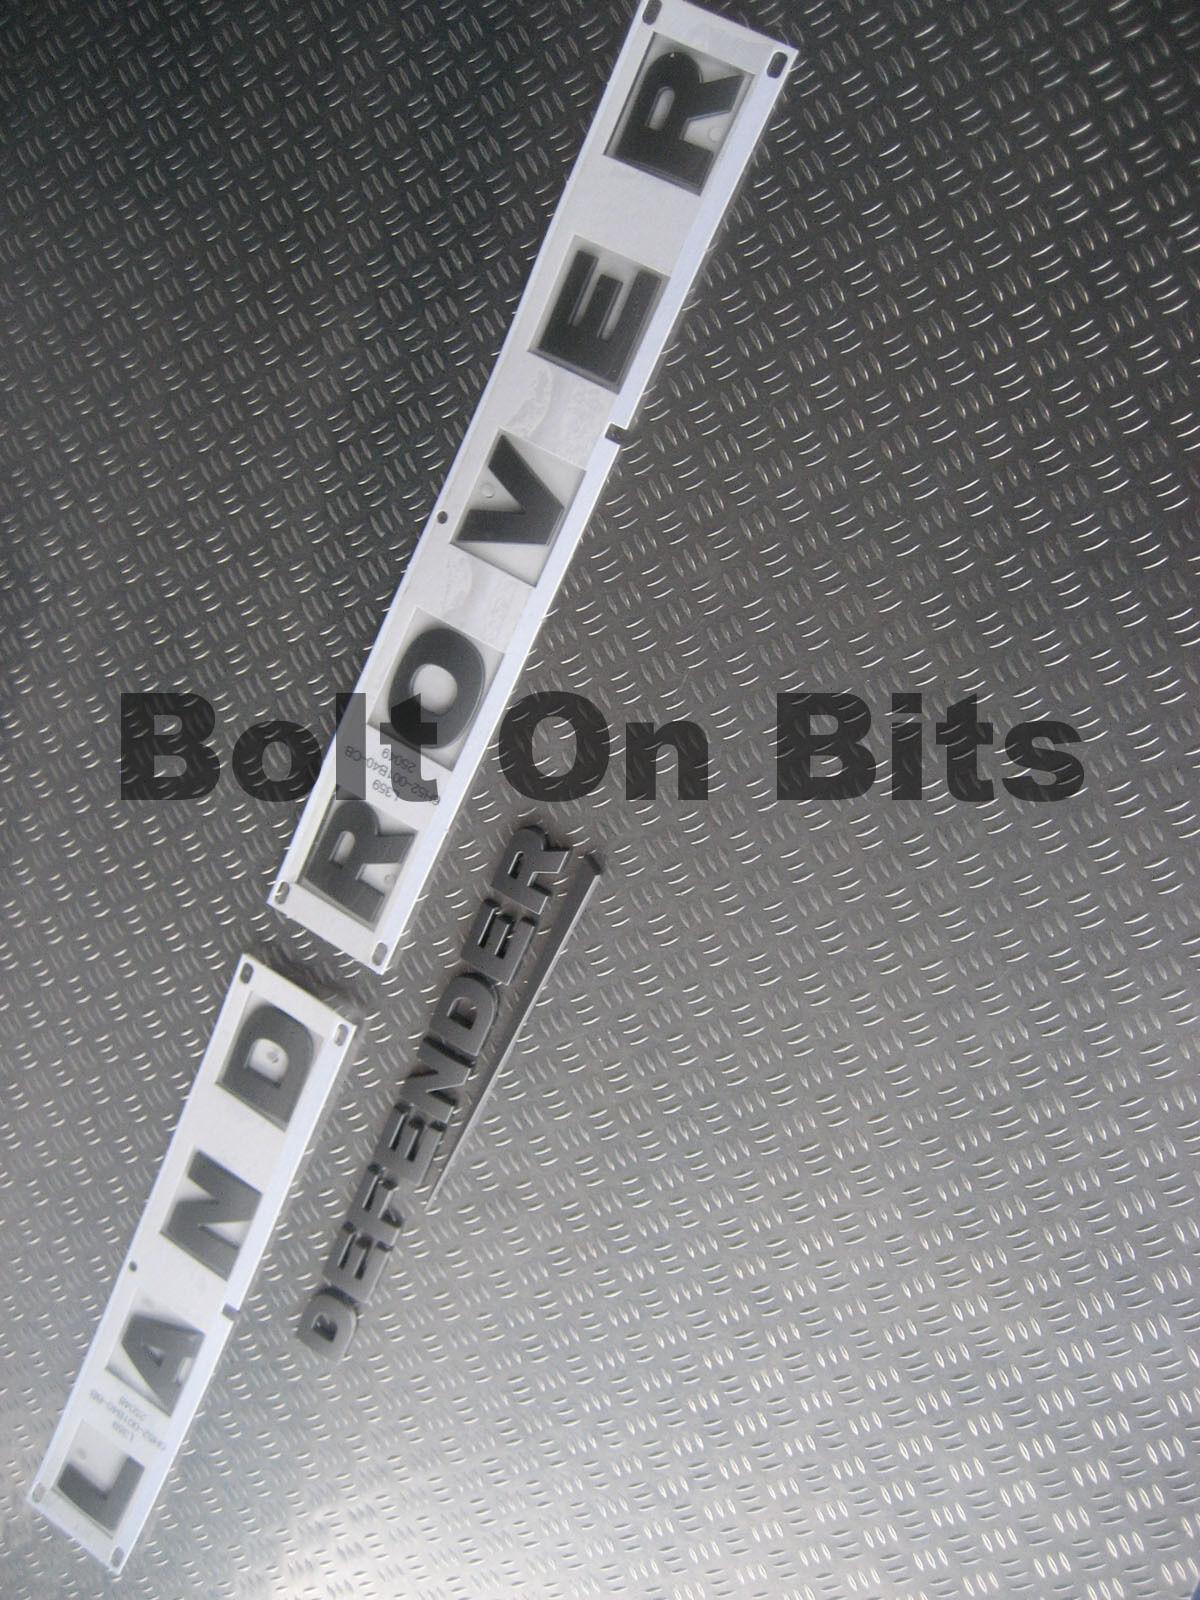 3d Schriftzug Landrover für Motorhaube & Heck Schutz mit Rauschen Kennzeichen